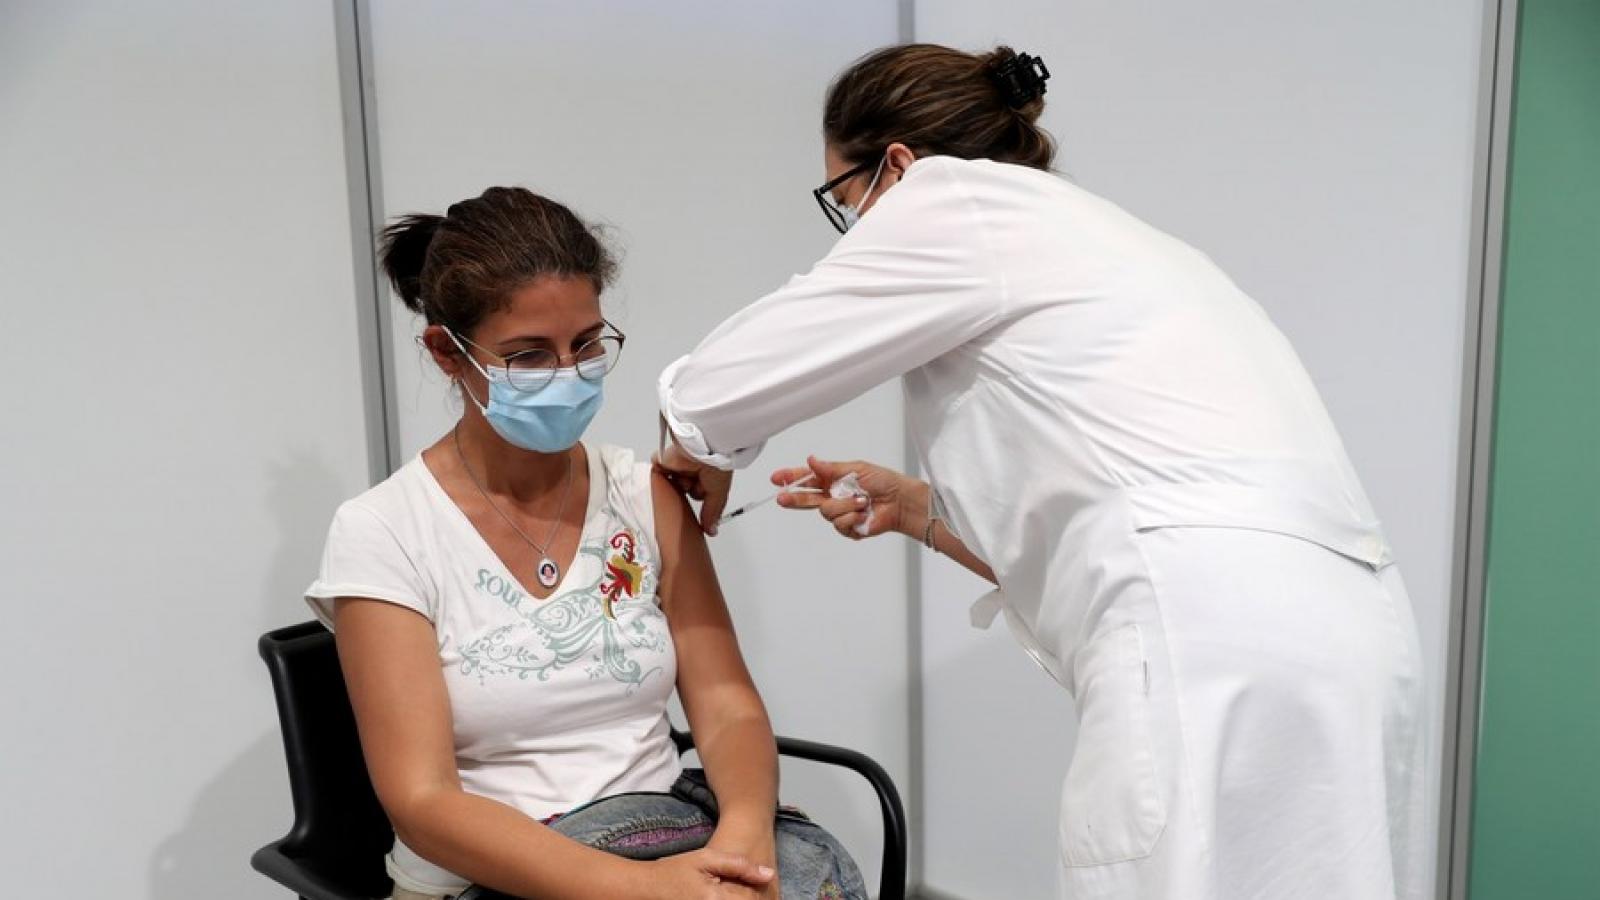 Tỷ lệ tiêm chủng cao, Bồ Đào Nha vẫn thận trọng khi coi Covid-19 là bệnh đặc hữu